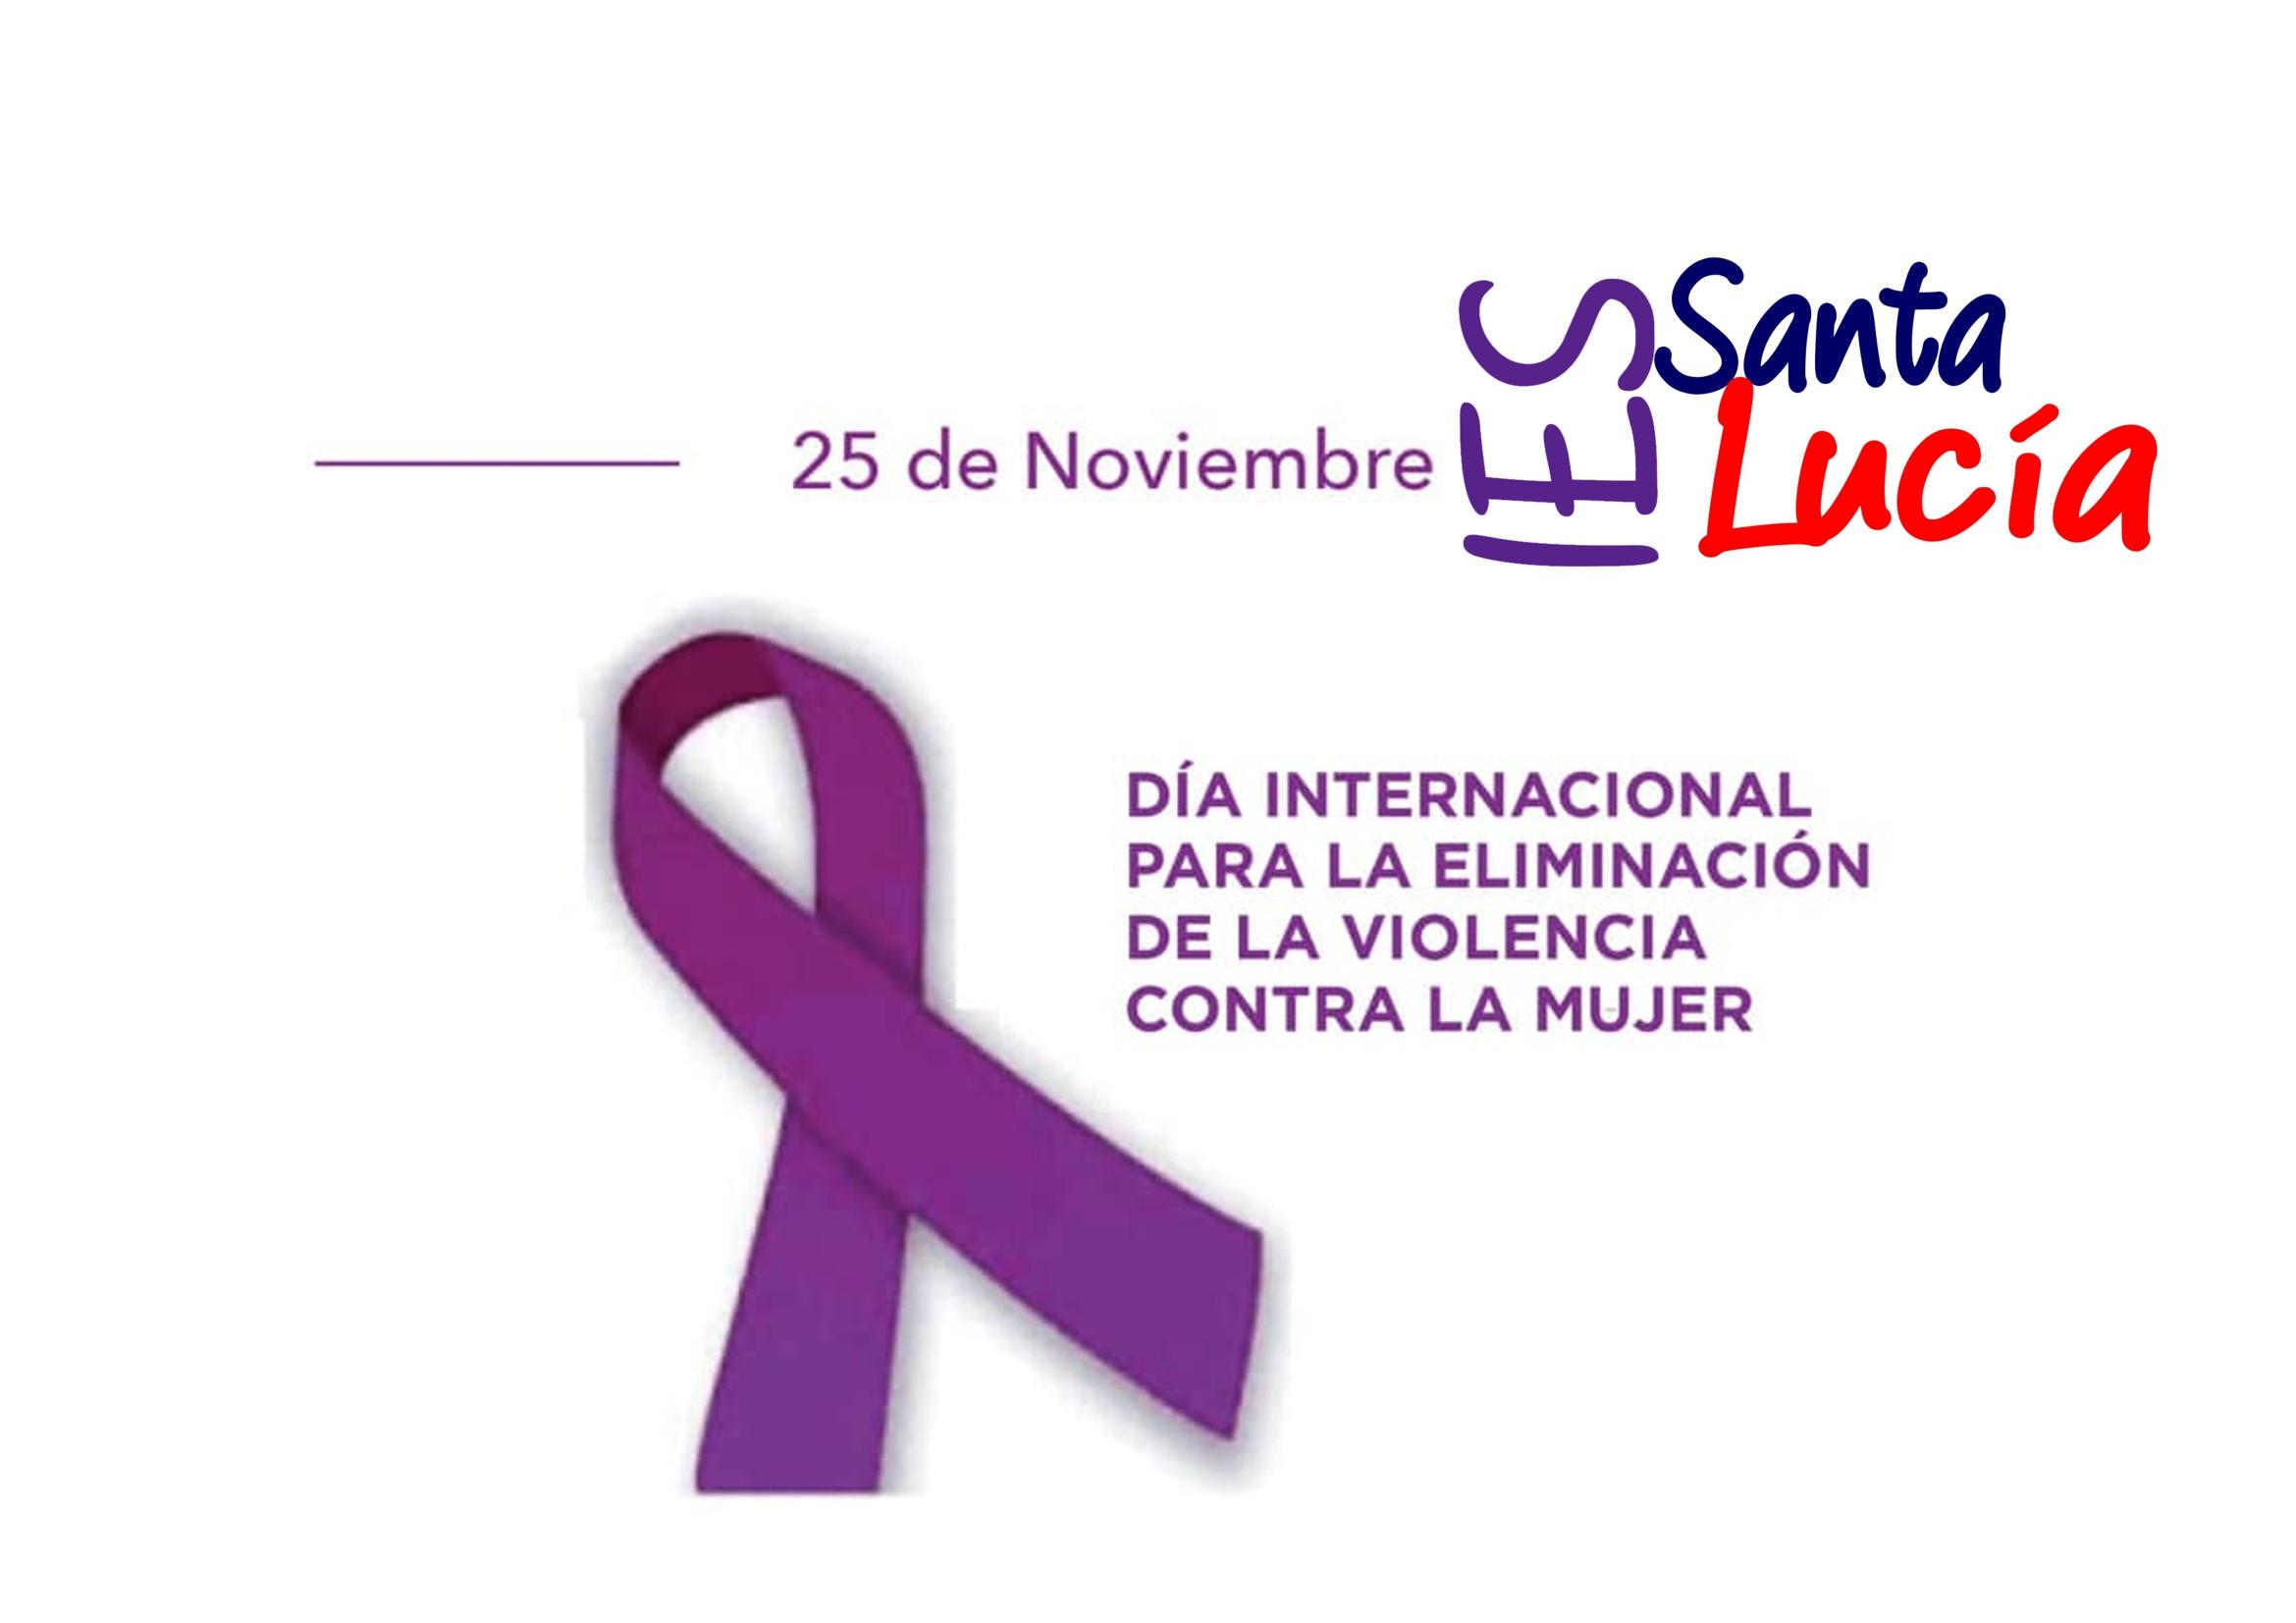 Celebración del Día Internacional de la Eliminación de la Violencia contra la Mujer